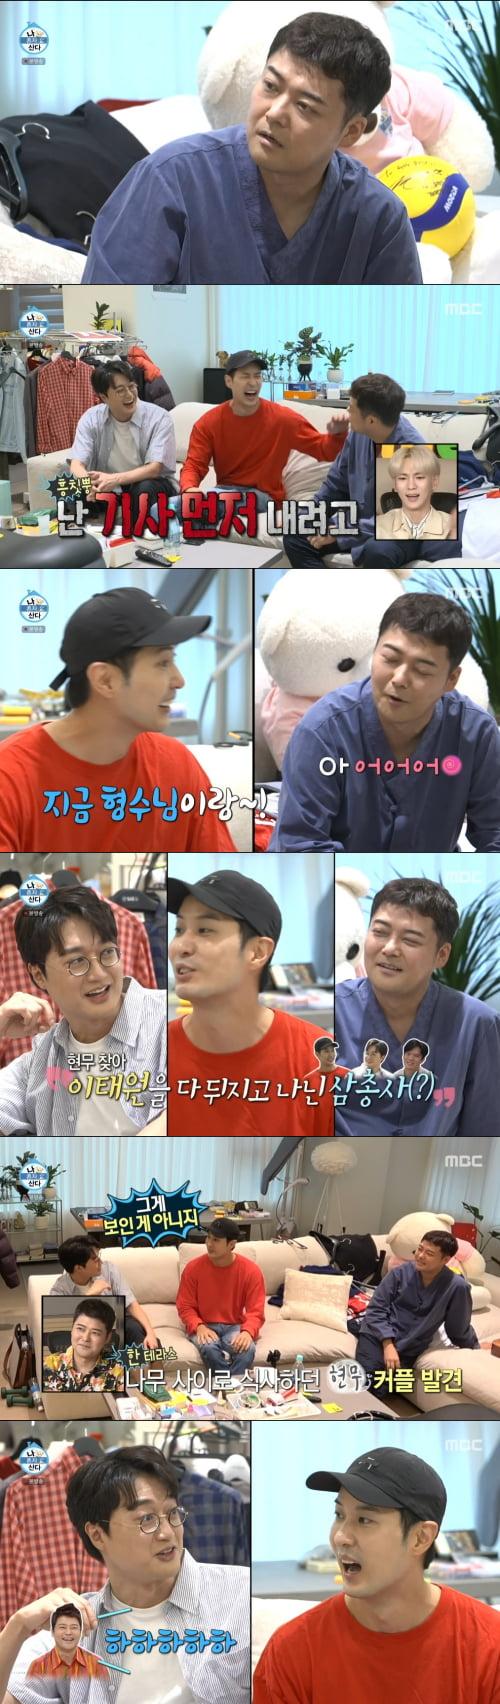 """""""전현무♥이혜성 이태원 데이트 들켰다""""… 전현무 """"결혼 기사로 낼 것"""" ('나 혼자 산다')"""